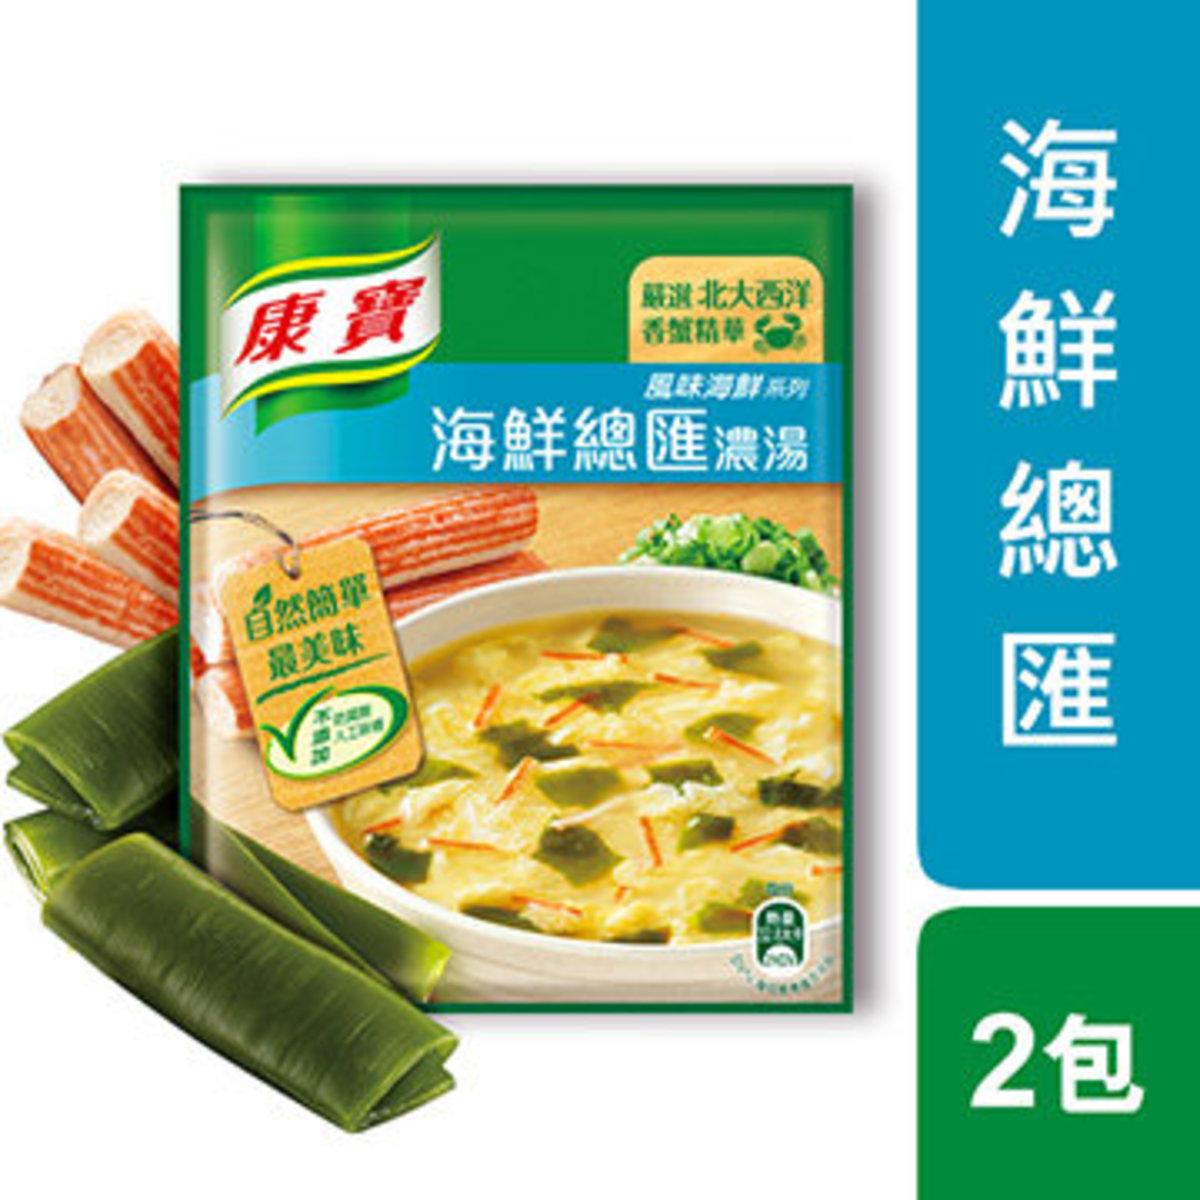 台灣直送 康寶海鮮濃湯(孖裝) 38.3g x 2 (08606)